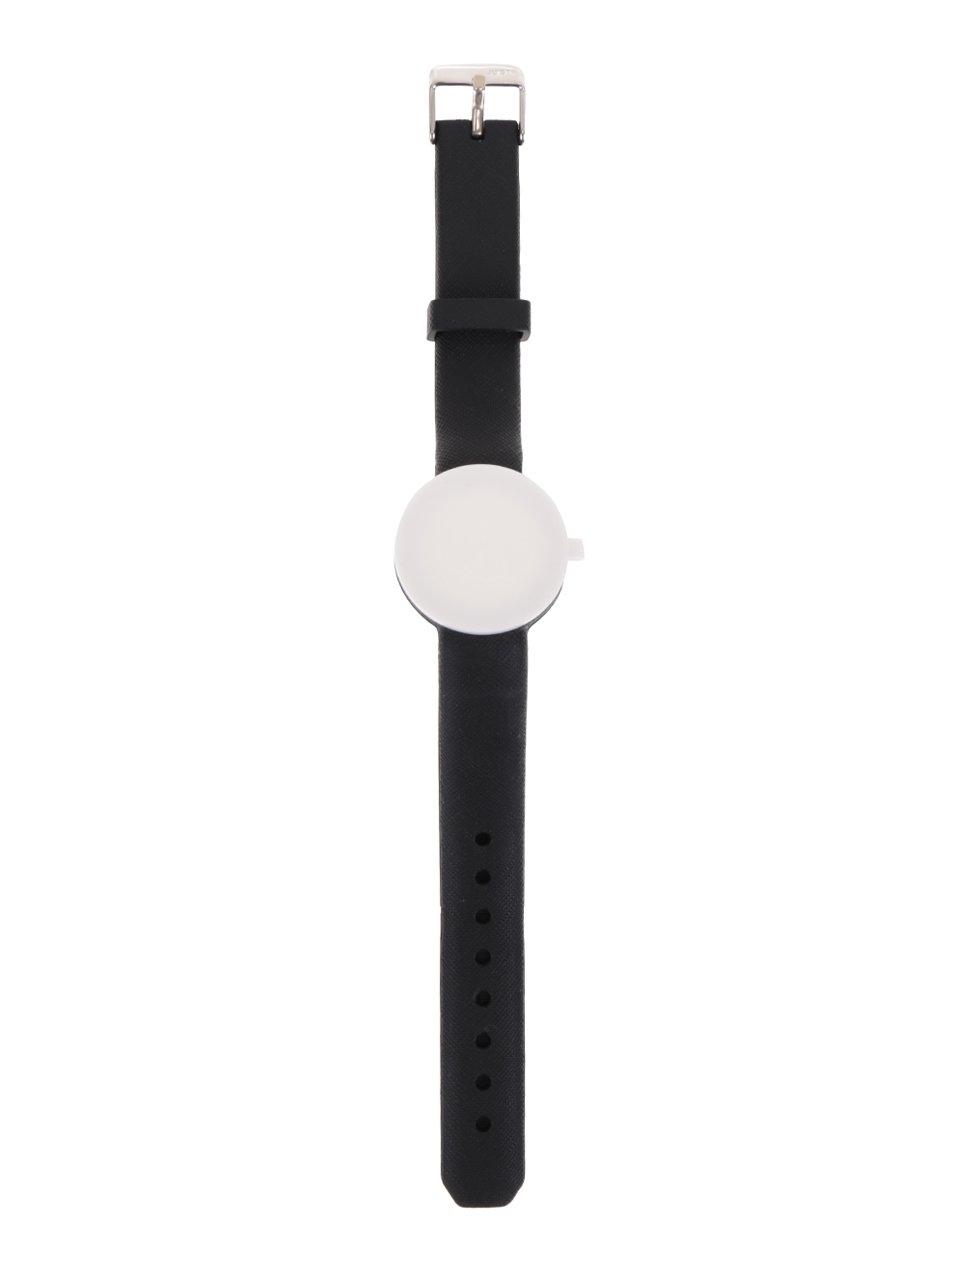 Černý gumový pásek k hodinkám Ju'sto Nero 32 mm